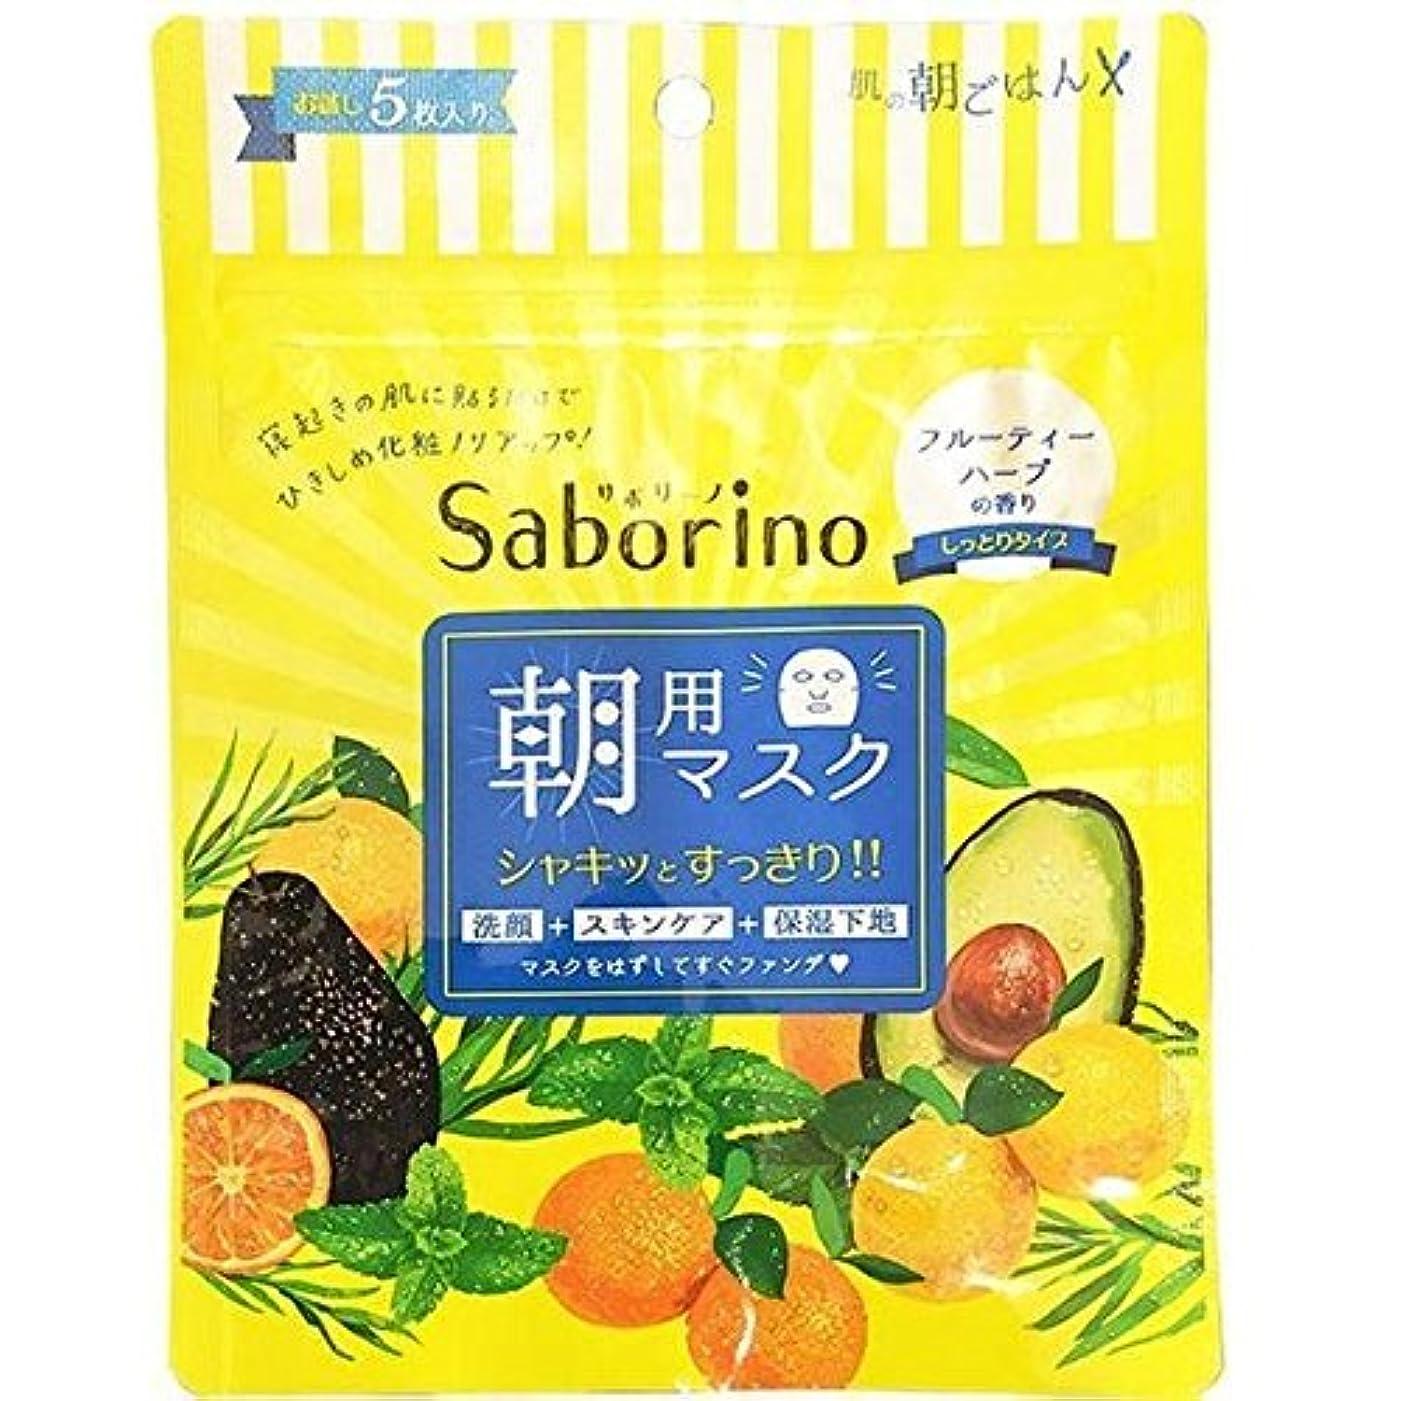 ビヨン自動車約設定Saborino(サボリーノ)  目ざまシート(5枚入)